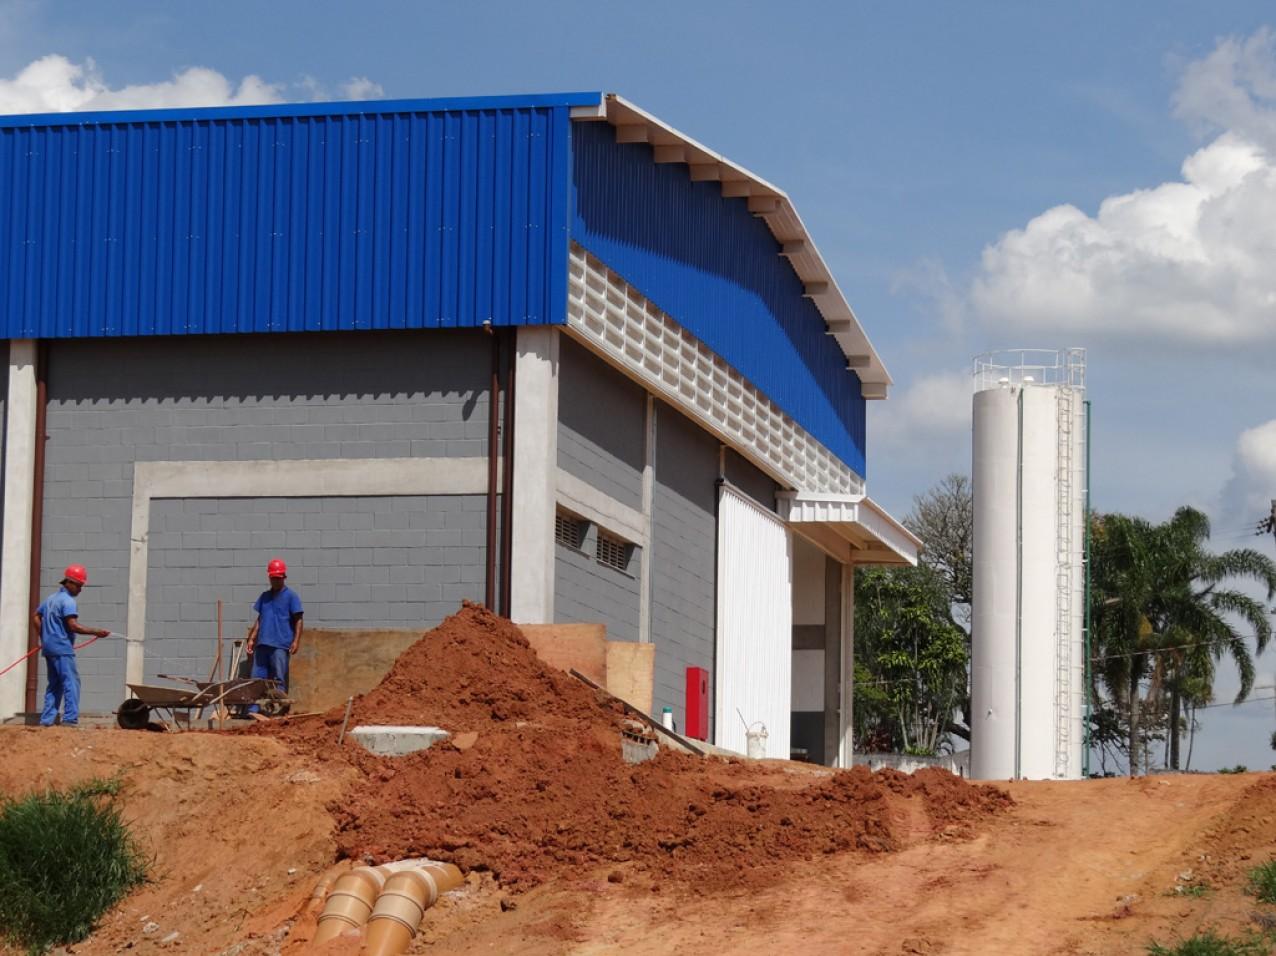 Autopoli - Indústria de autopeças em Guararema